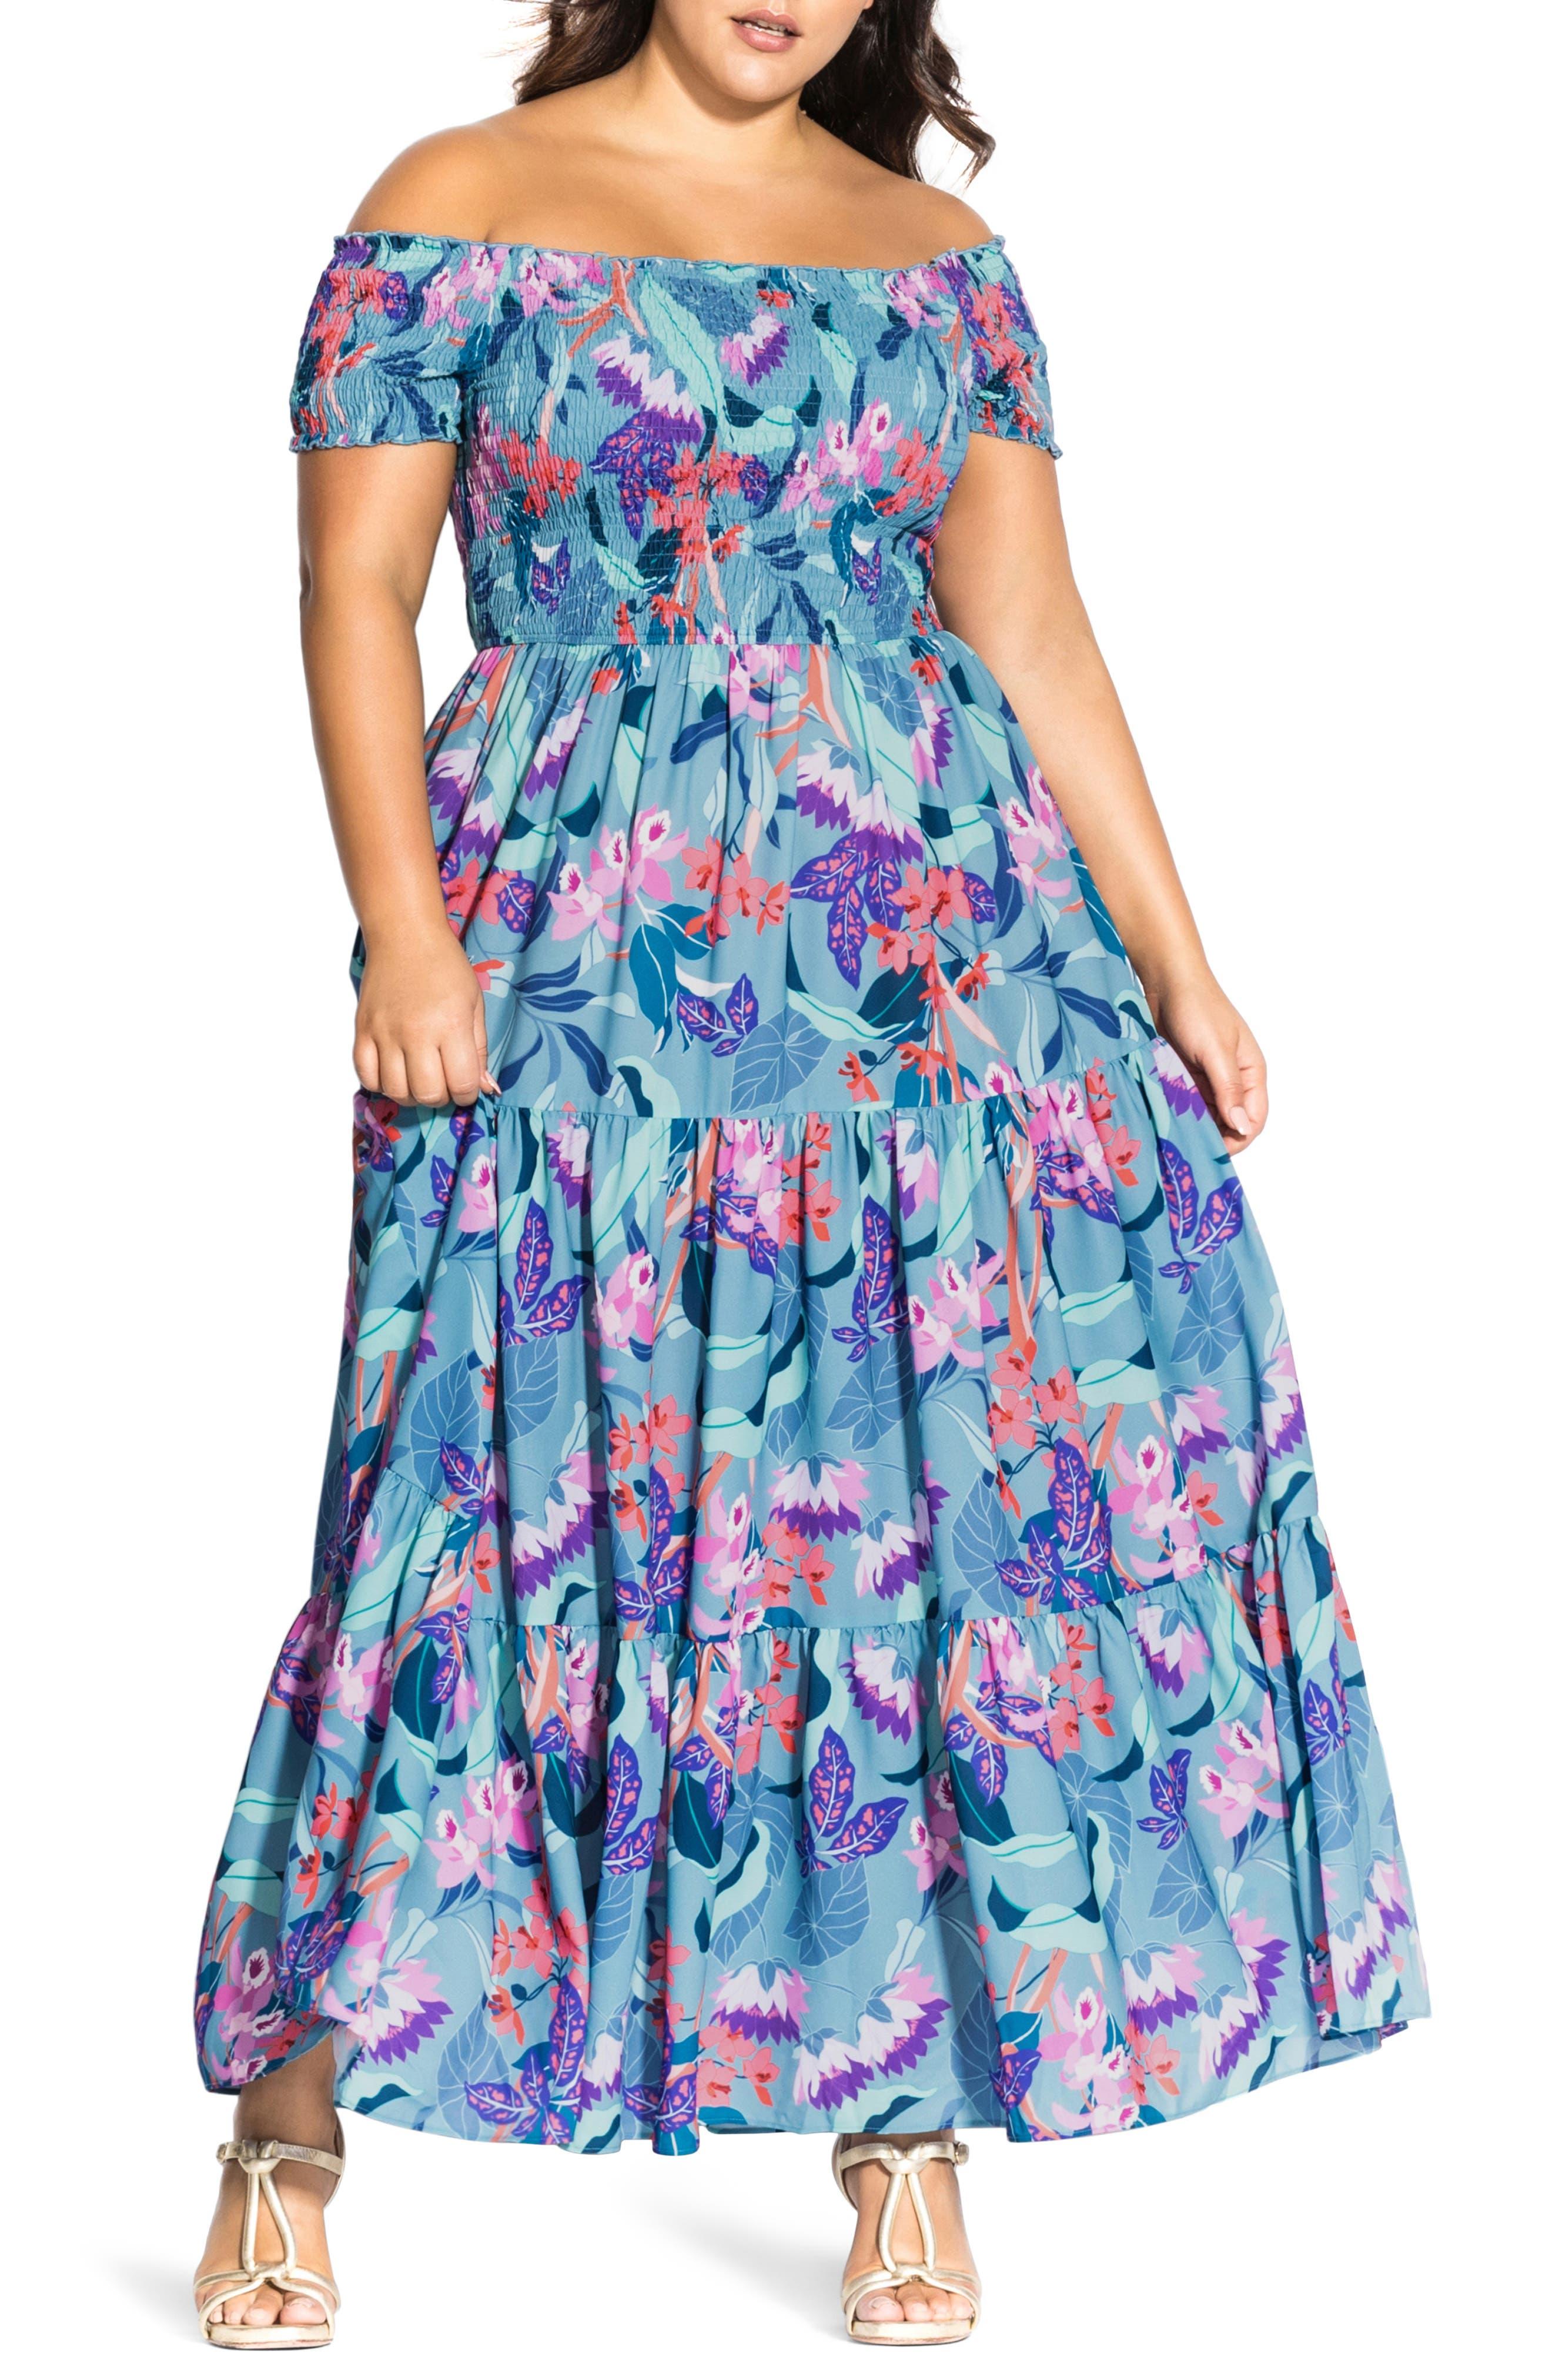 d4d9b768f3c2 Plus Size Chic City Mystery Floral Off-The Shoulder Maxi Dress, Blue